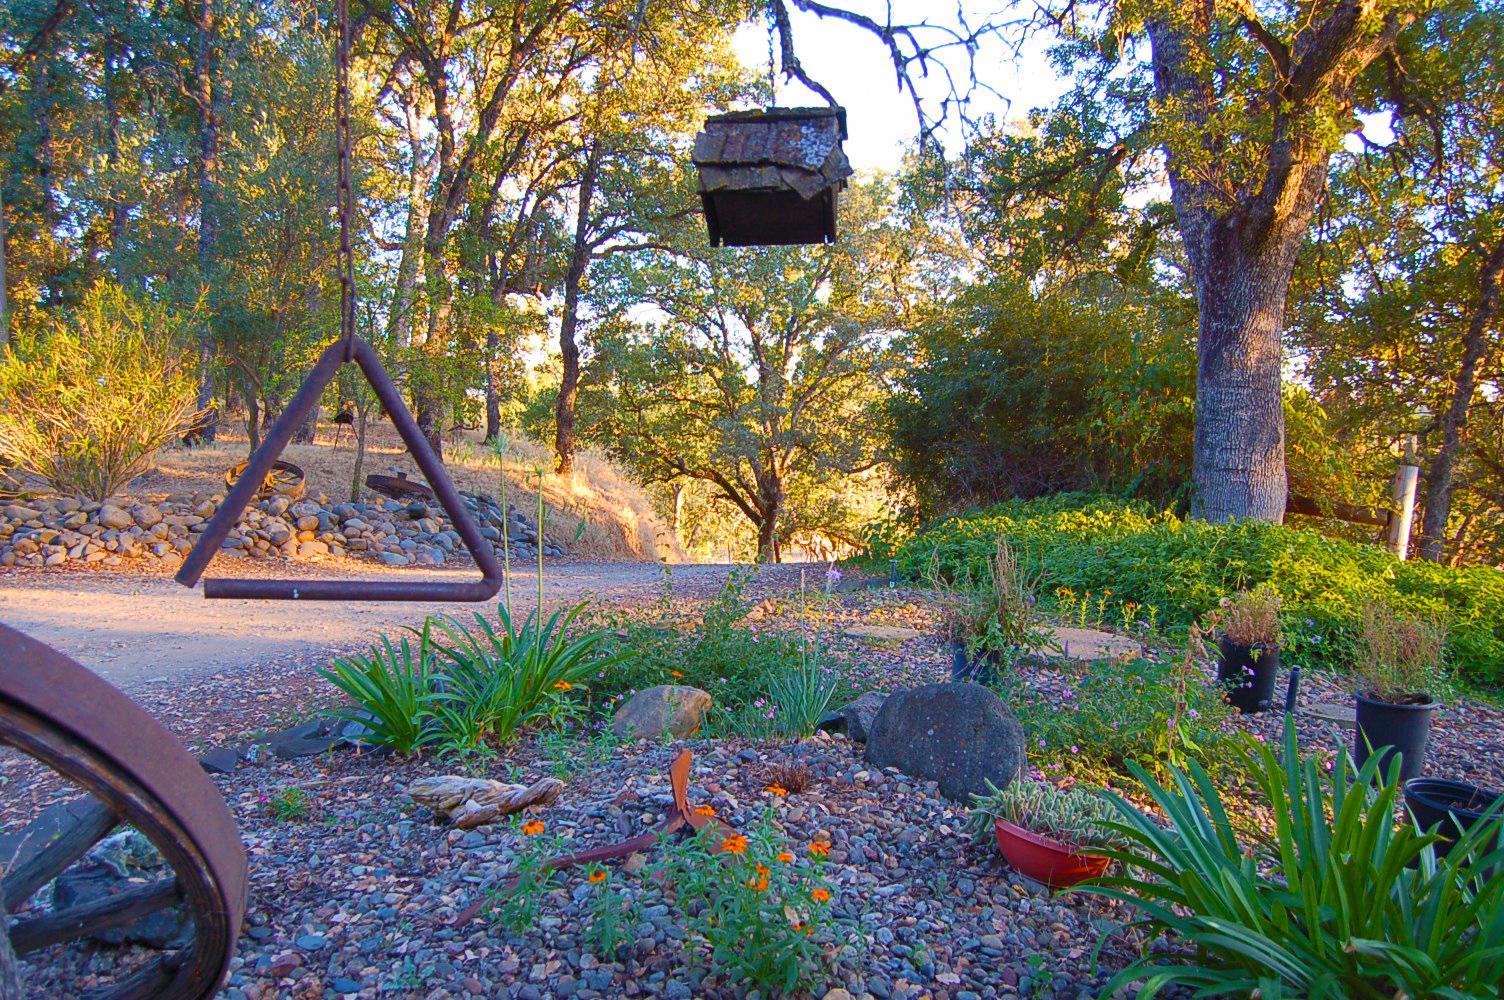 17410-Hooker-Creek-Rd-Cottonwood-CA-frontyard